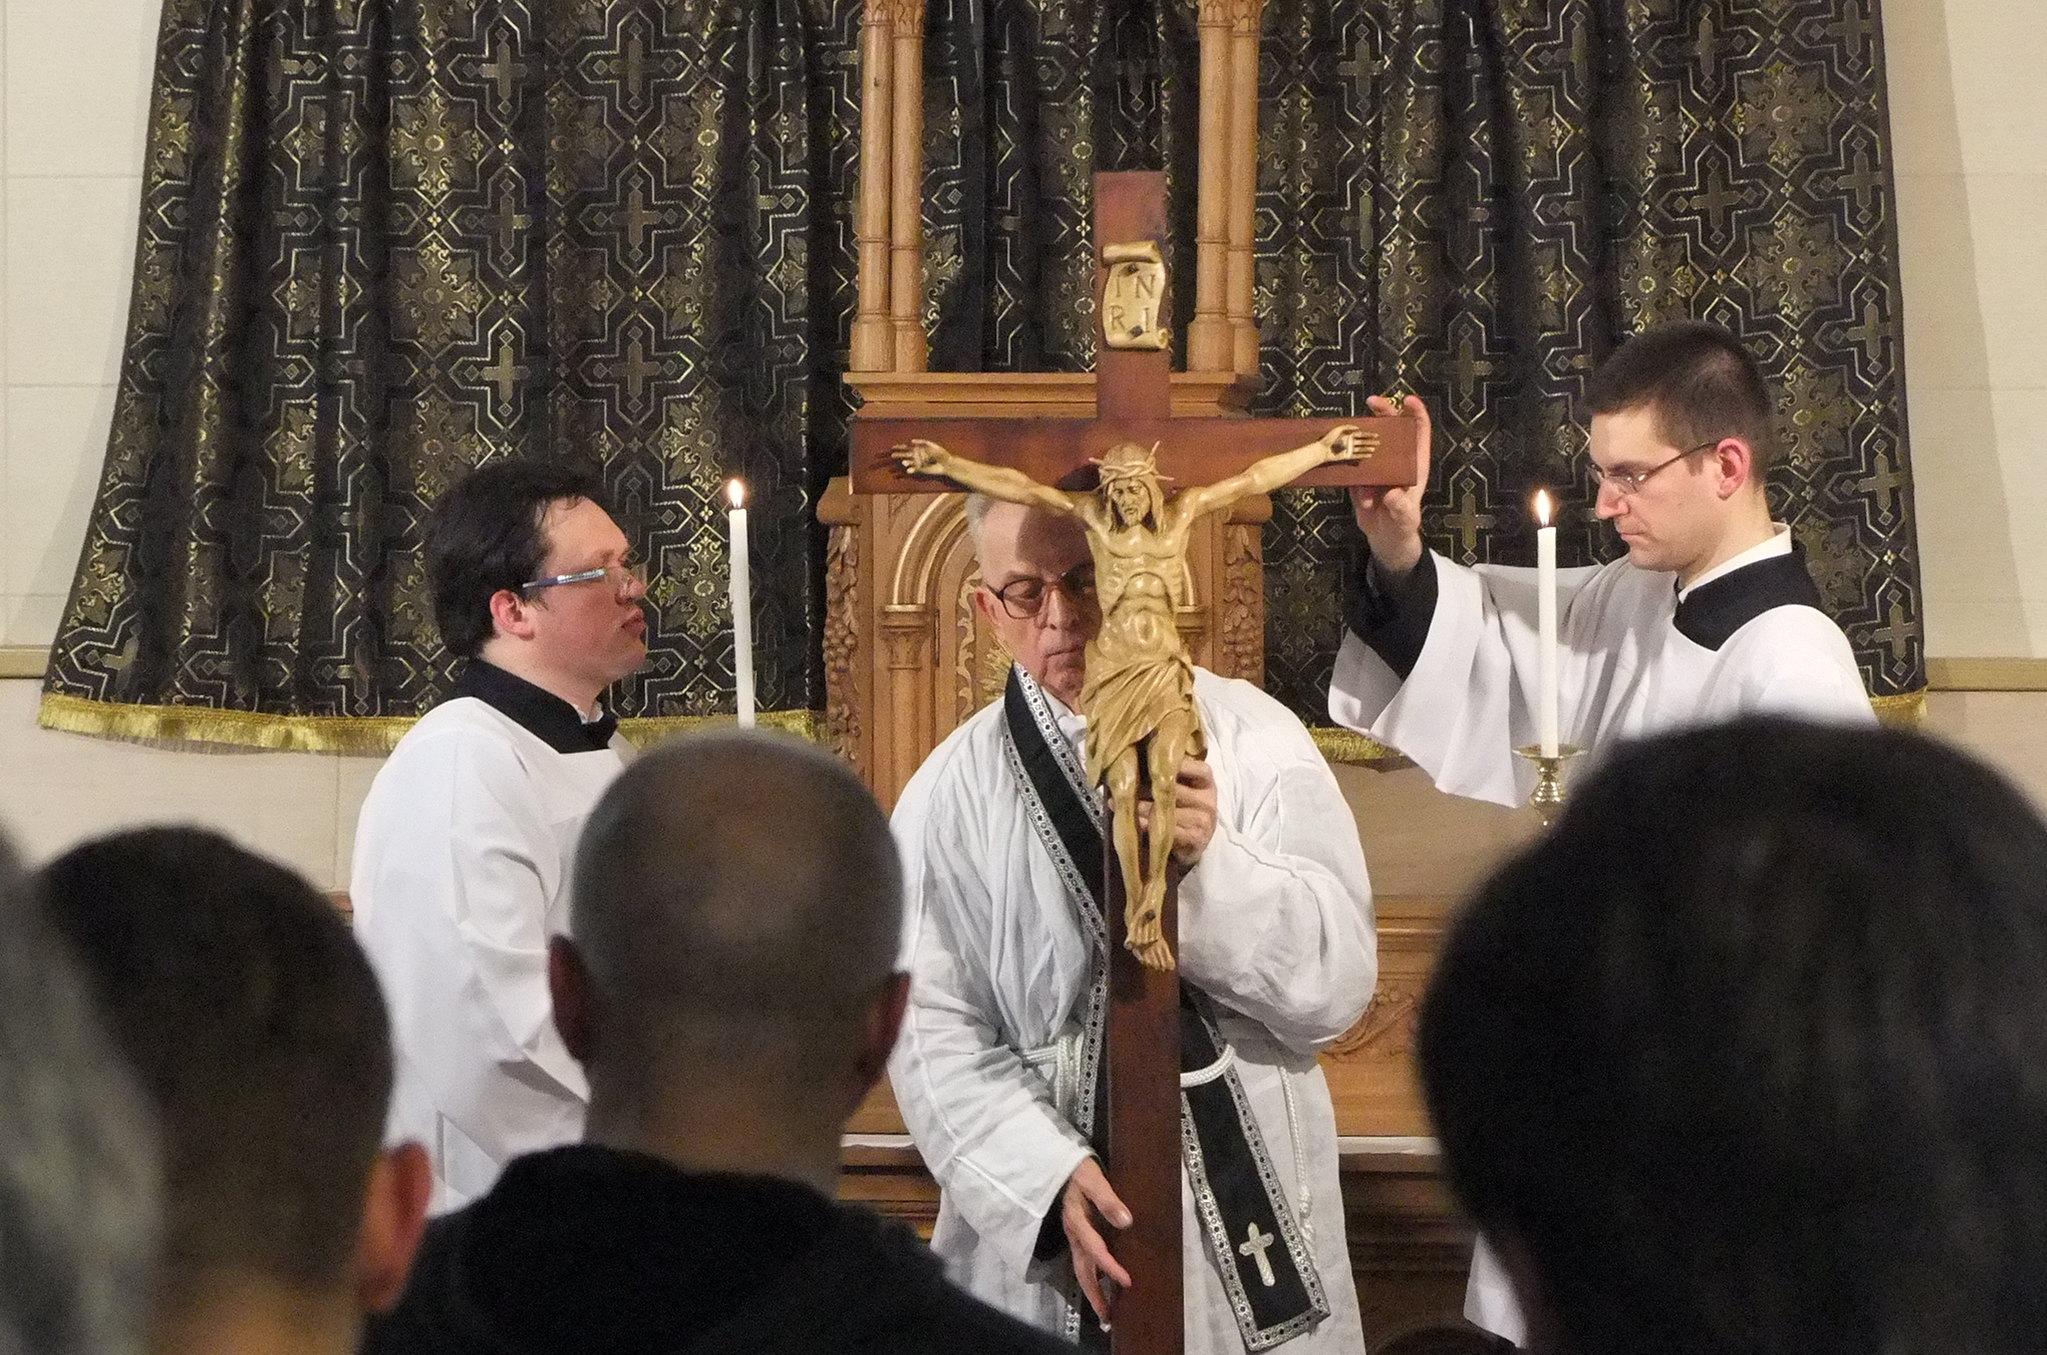 Архиепископа стефана обвинили в гомосексуализме